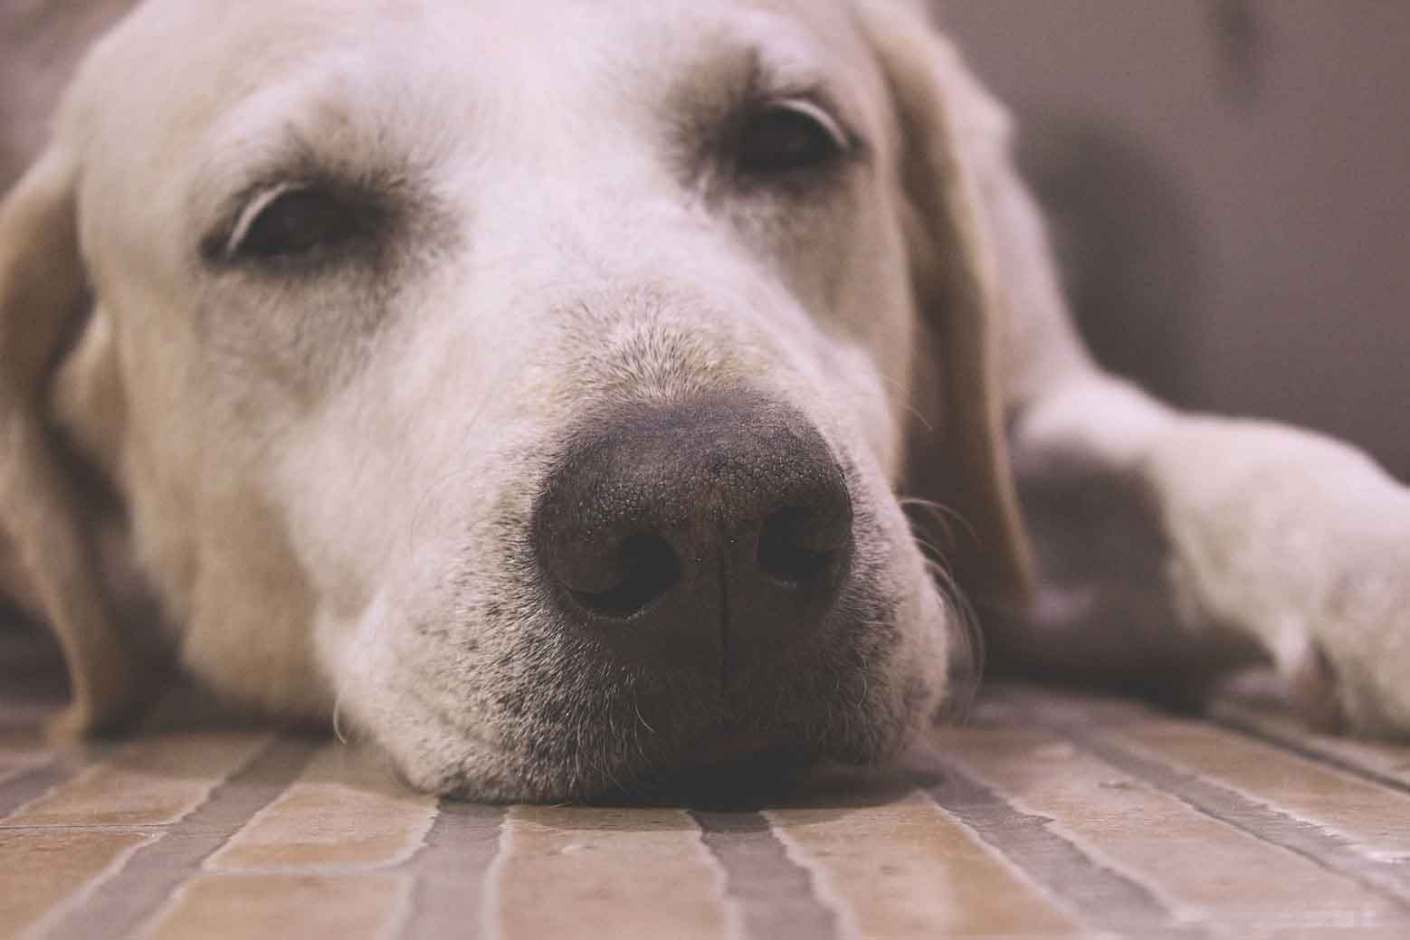 Ensaiando fotos com um cão